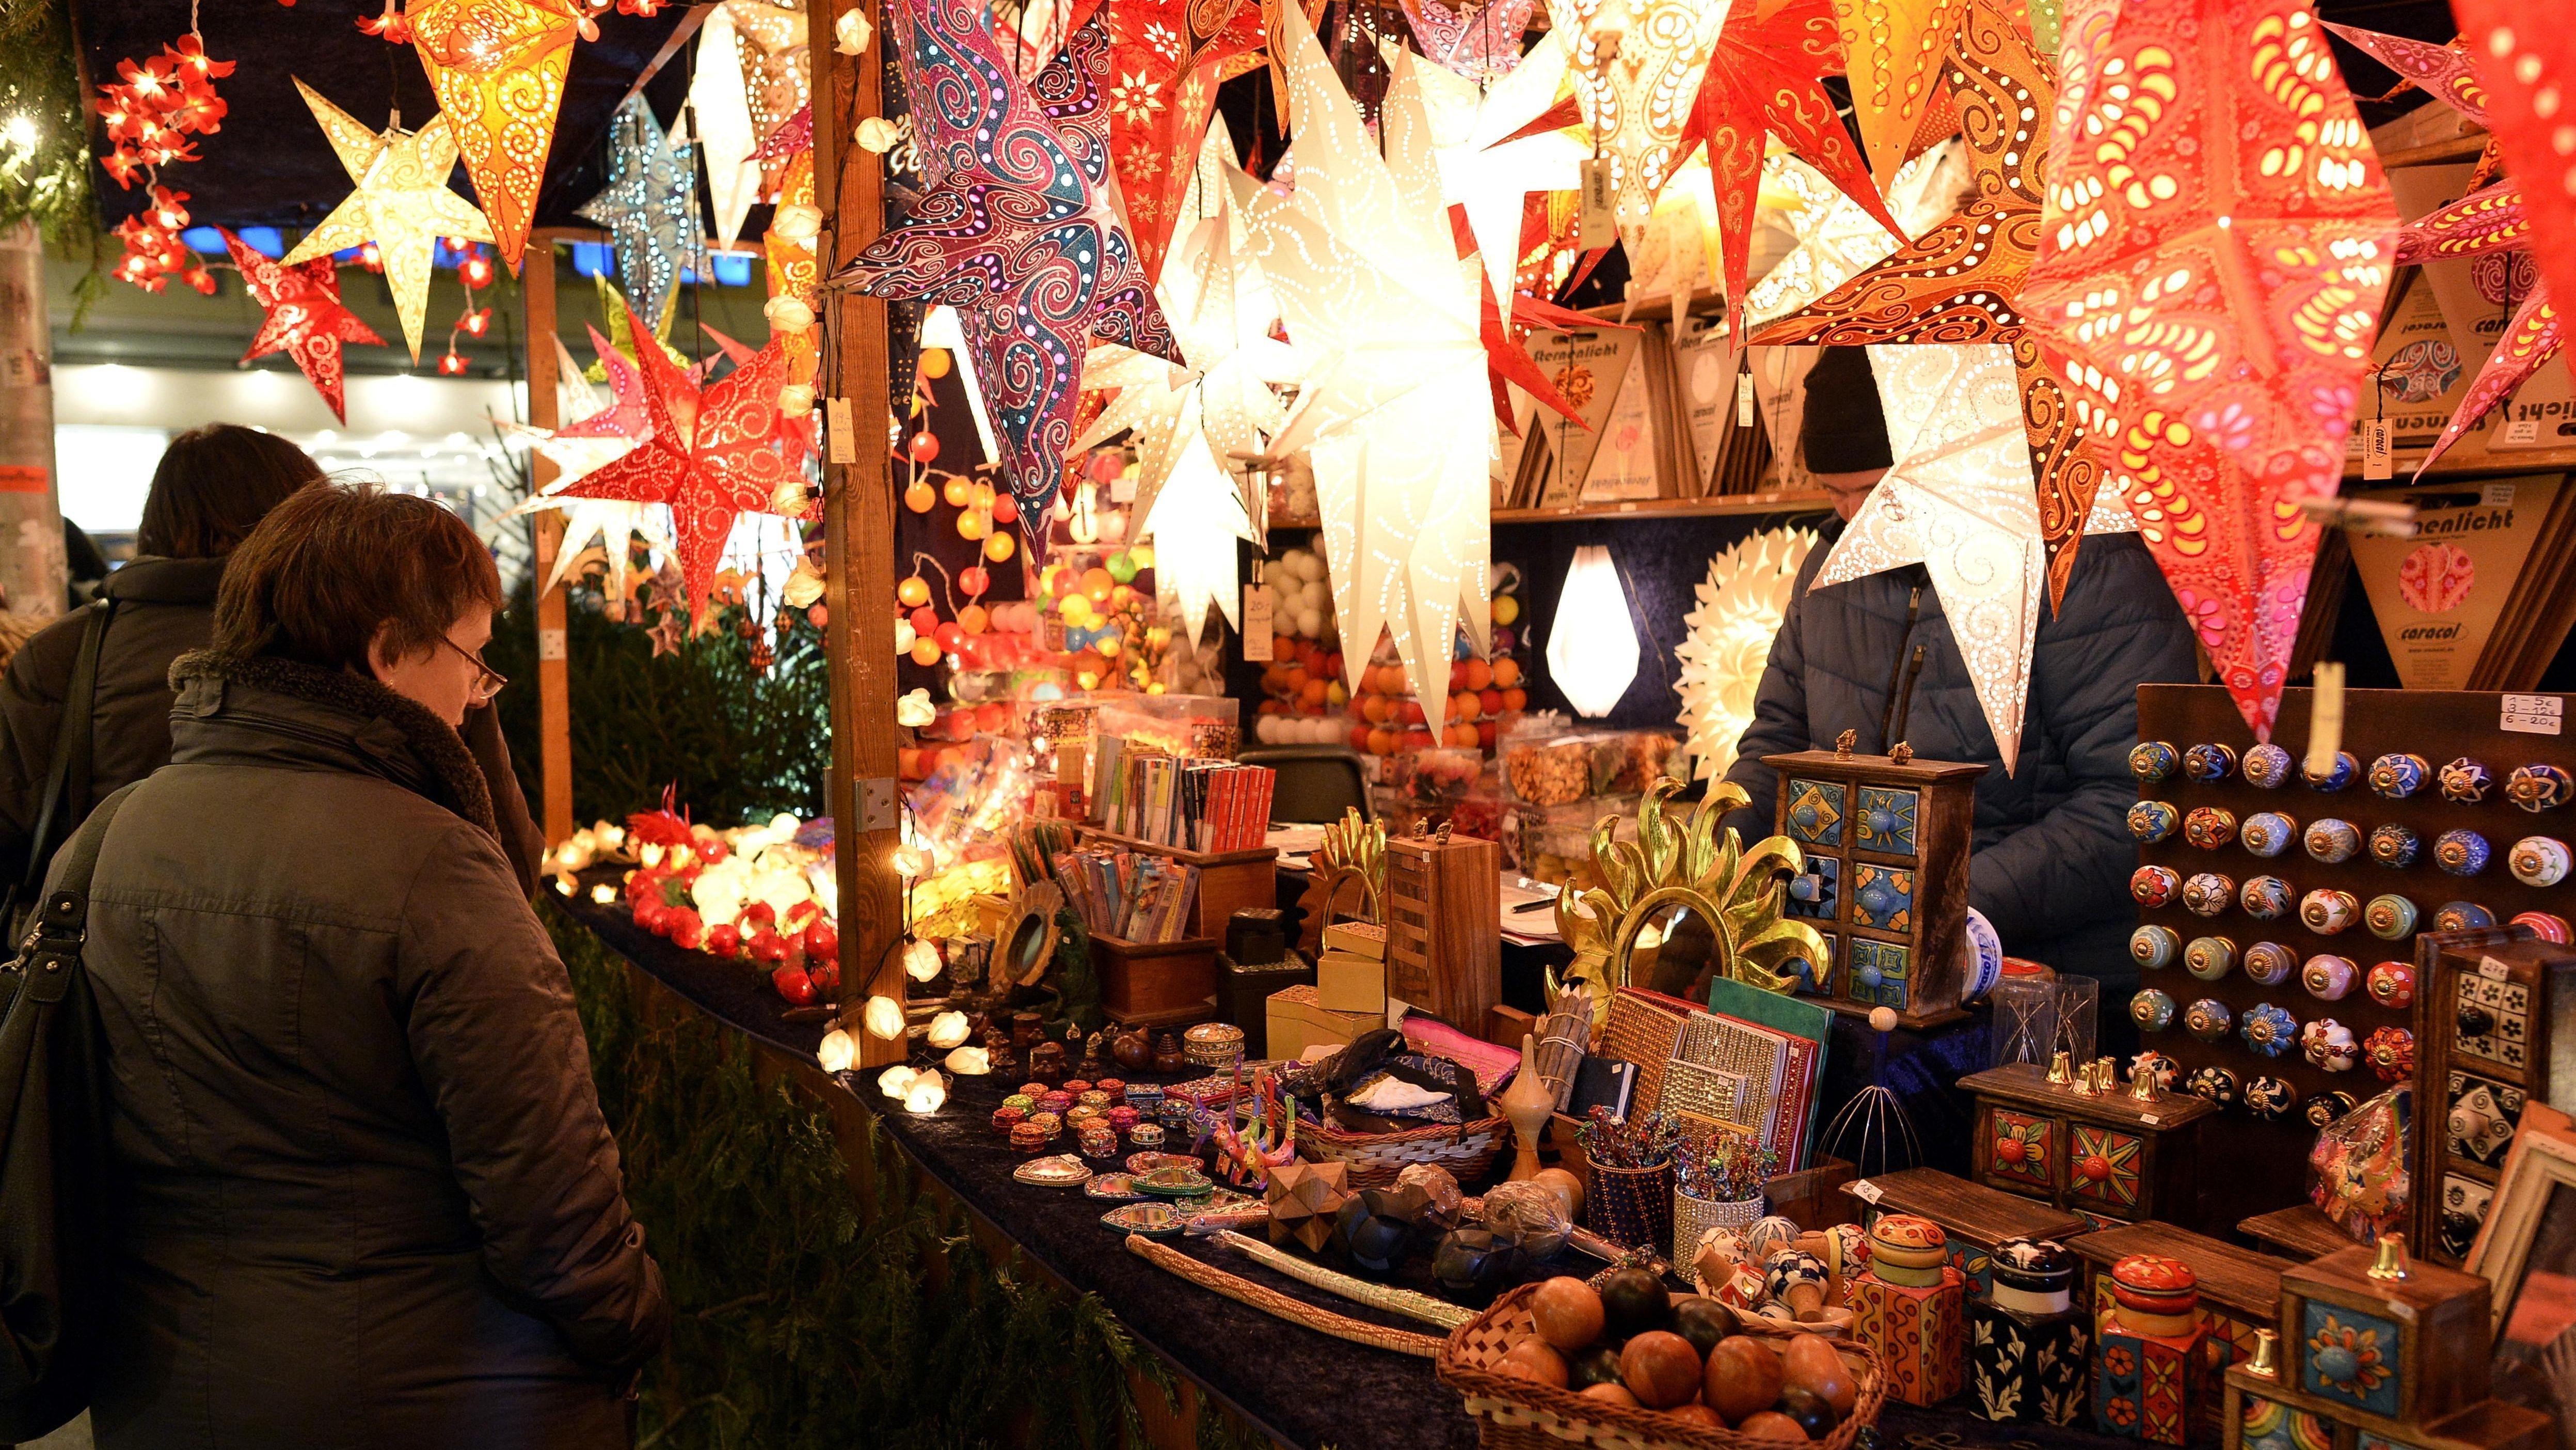 Weihnachtsmärkte in Unterfranken